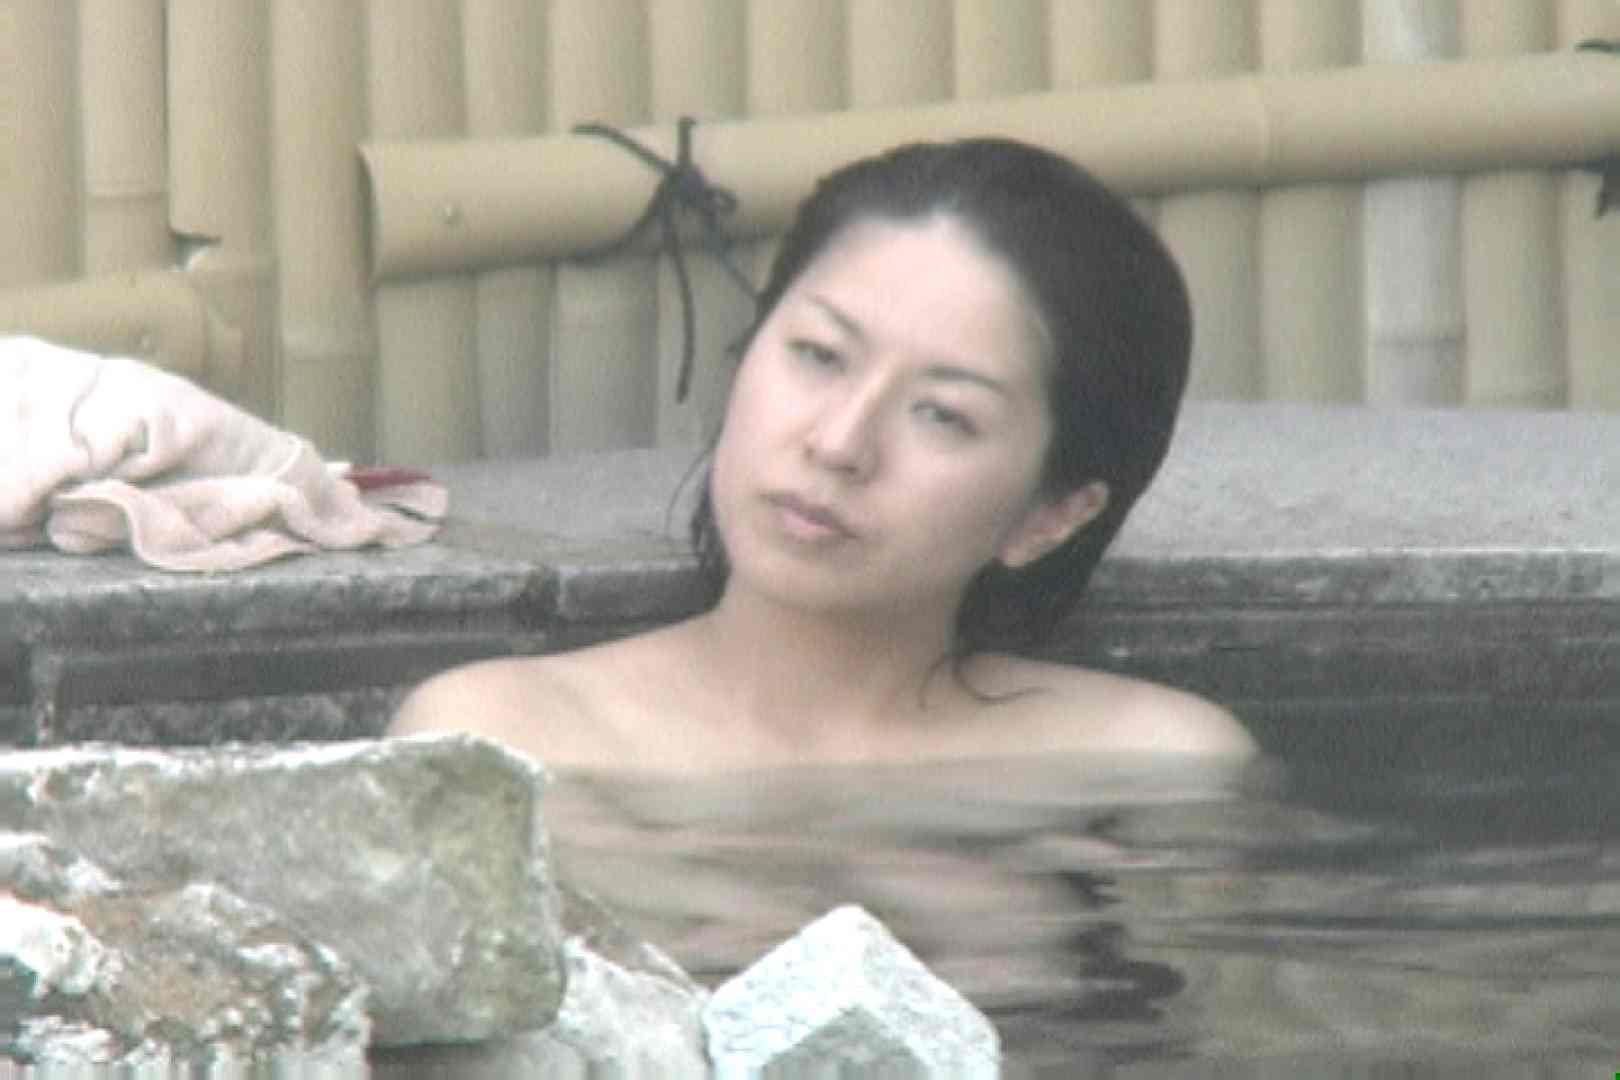 Aquaな露天風呂Vol.694 盗撮  110PICs 99